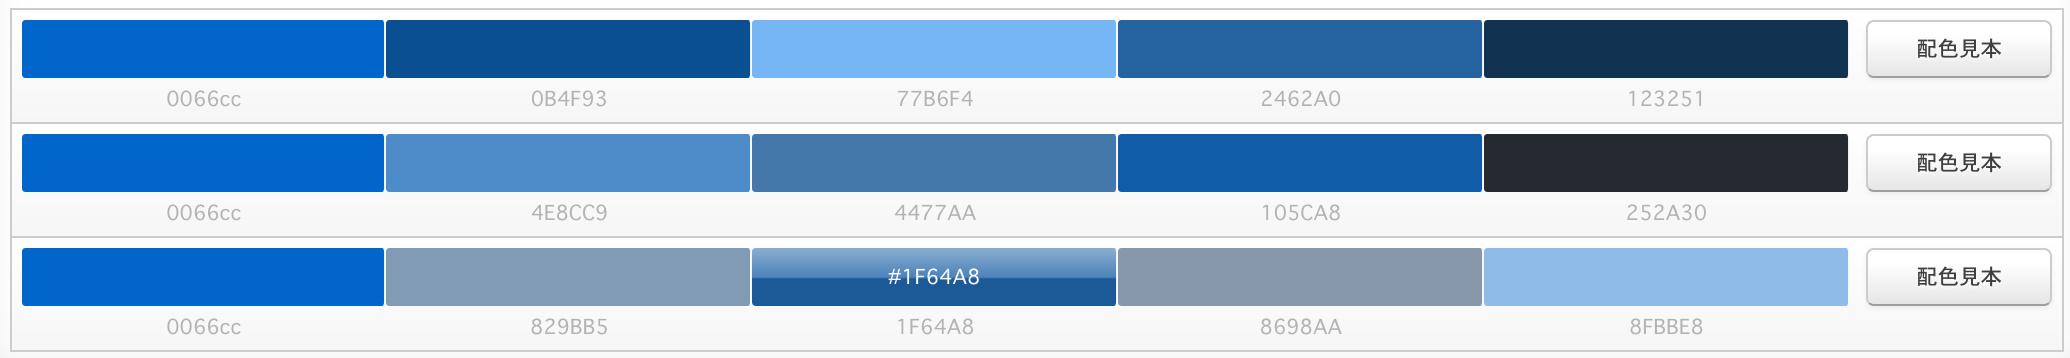 cd2f1b2e081baf9a0fbe22649f81fc99 - 配色パターン6選+α!おしゃれにするコツは?